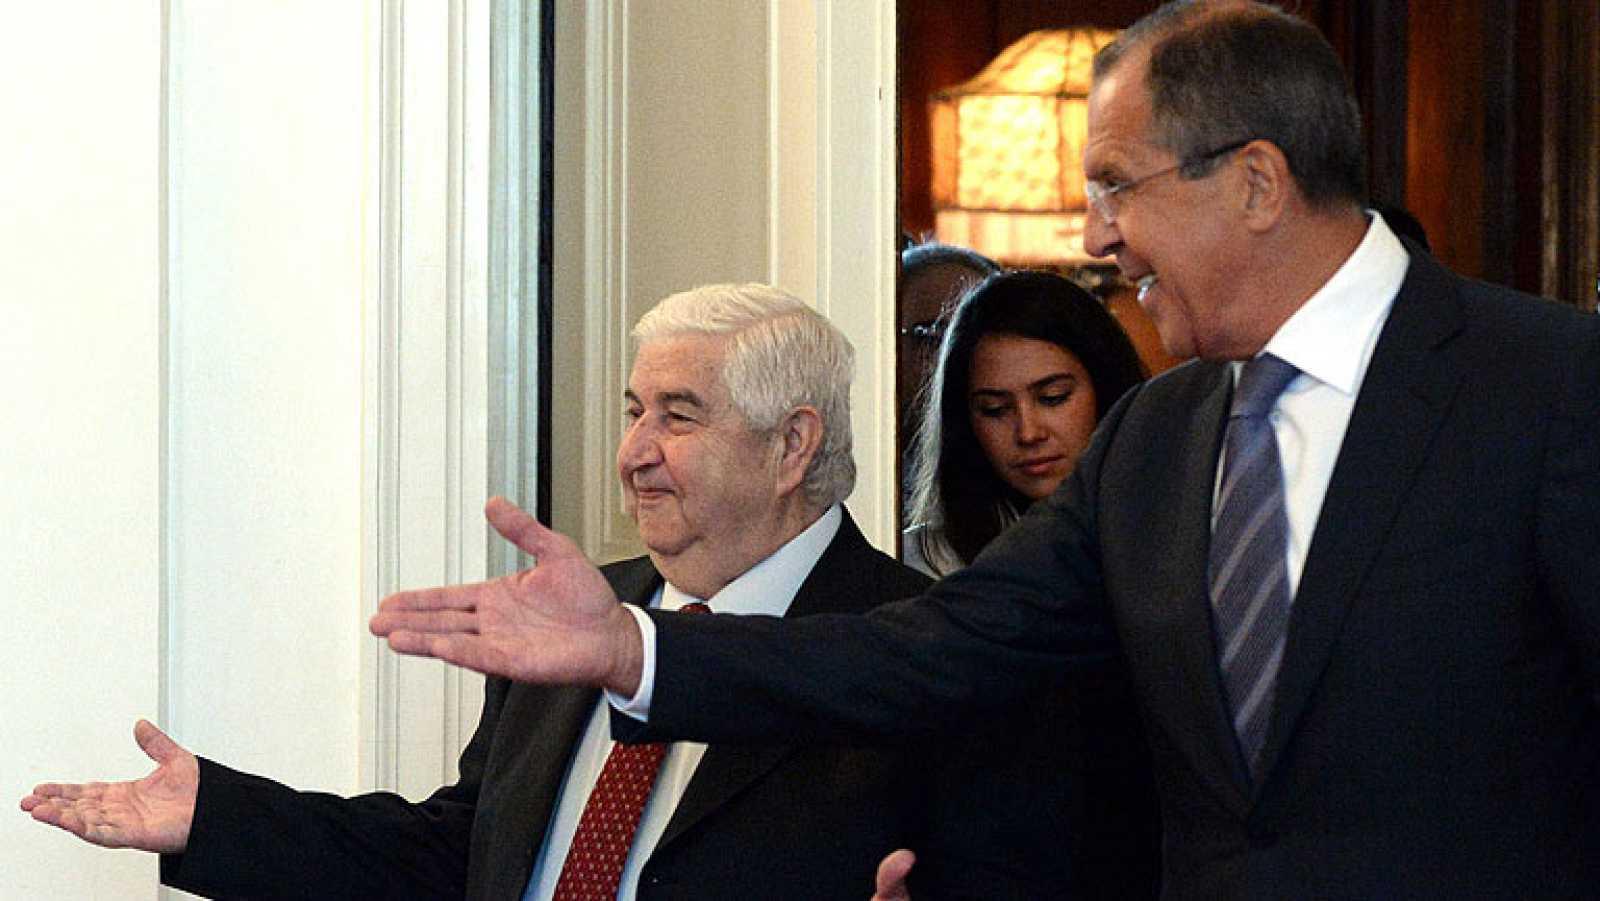 Los ministros de Exteriores ruso y sirio coinciden en que todavía hay tiempo para evitar la acción militar en Siria